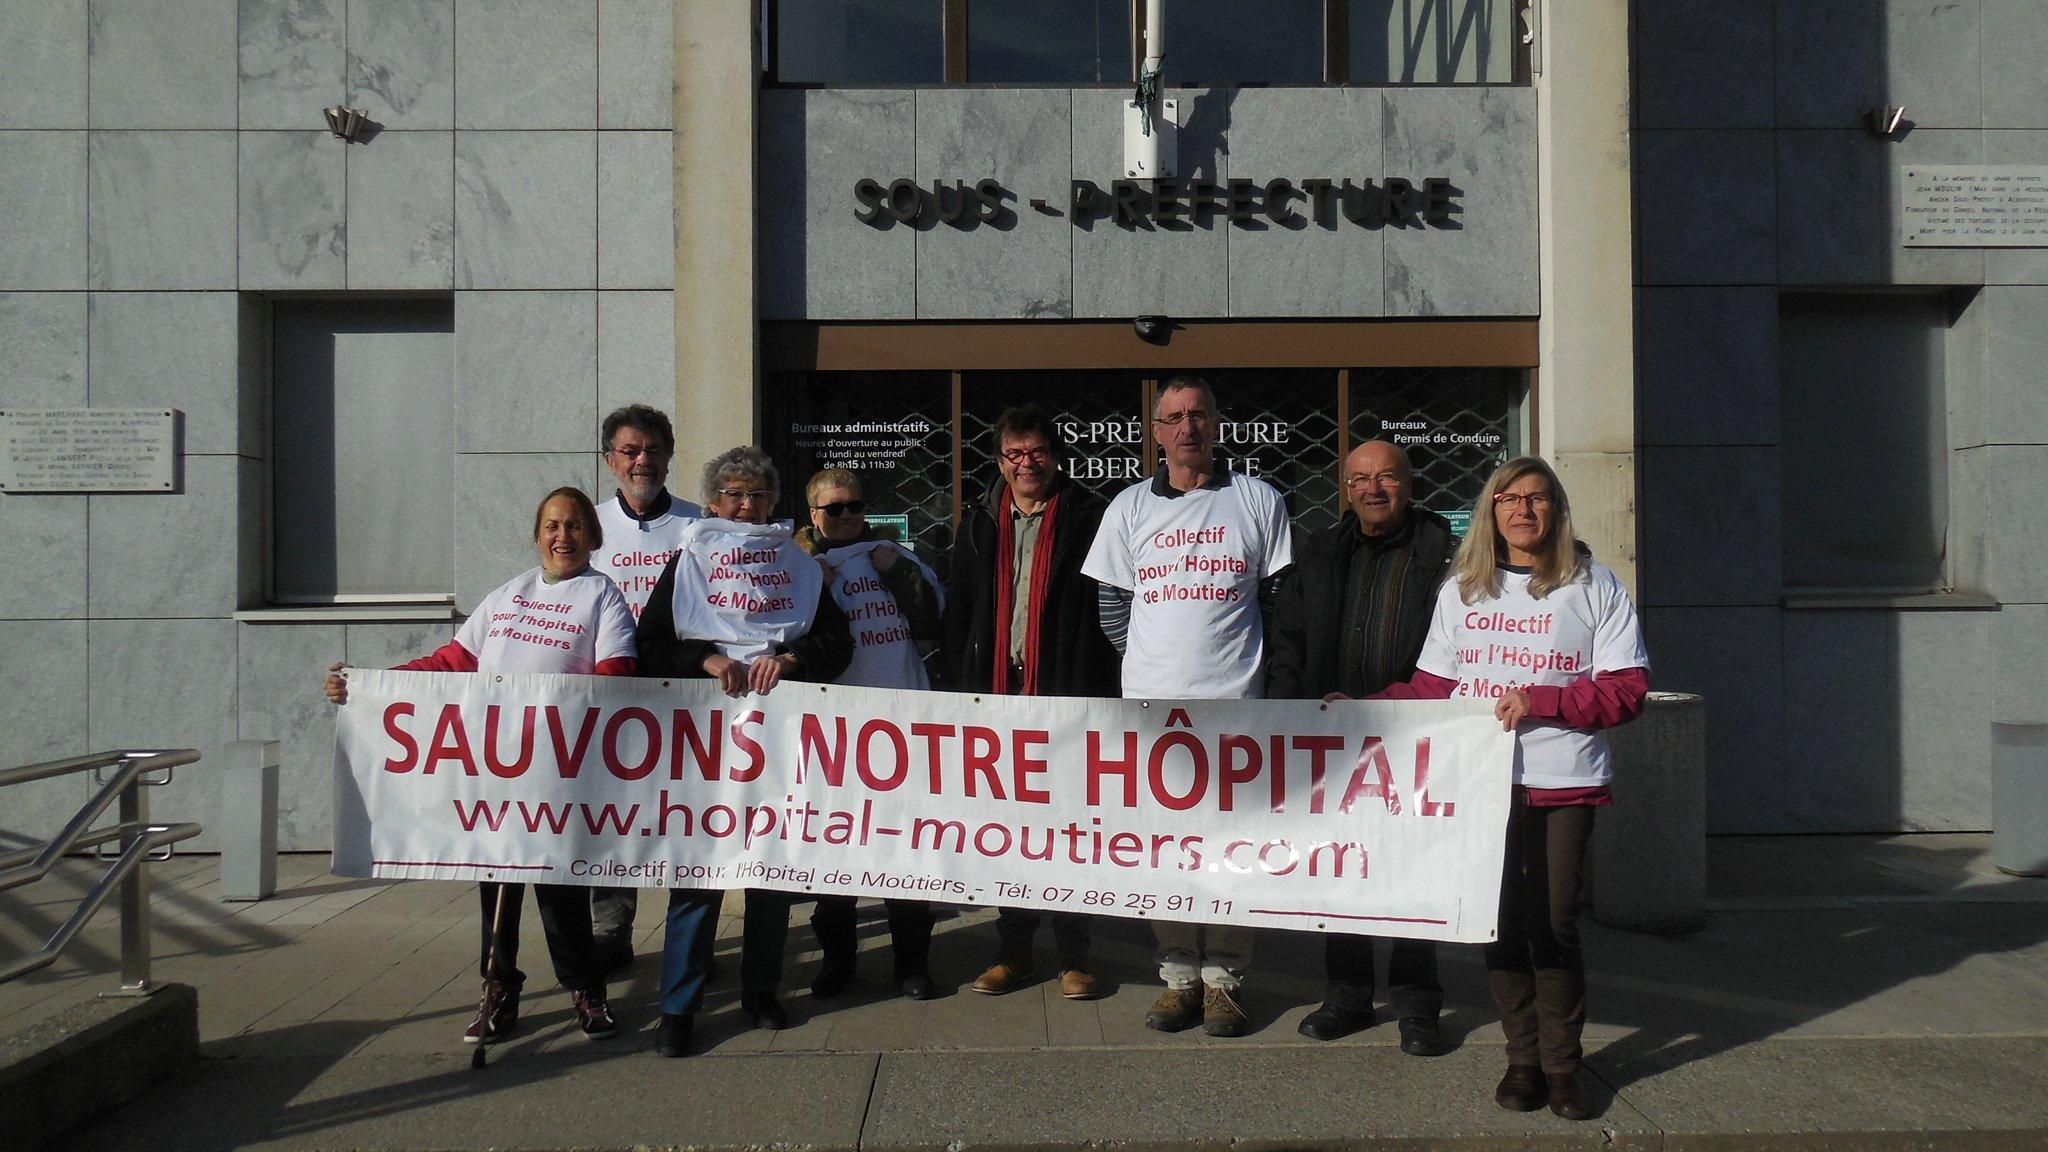 2015-12-16 - Devant la sous-préfecture_rs